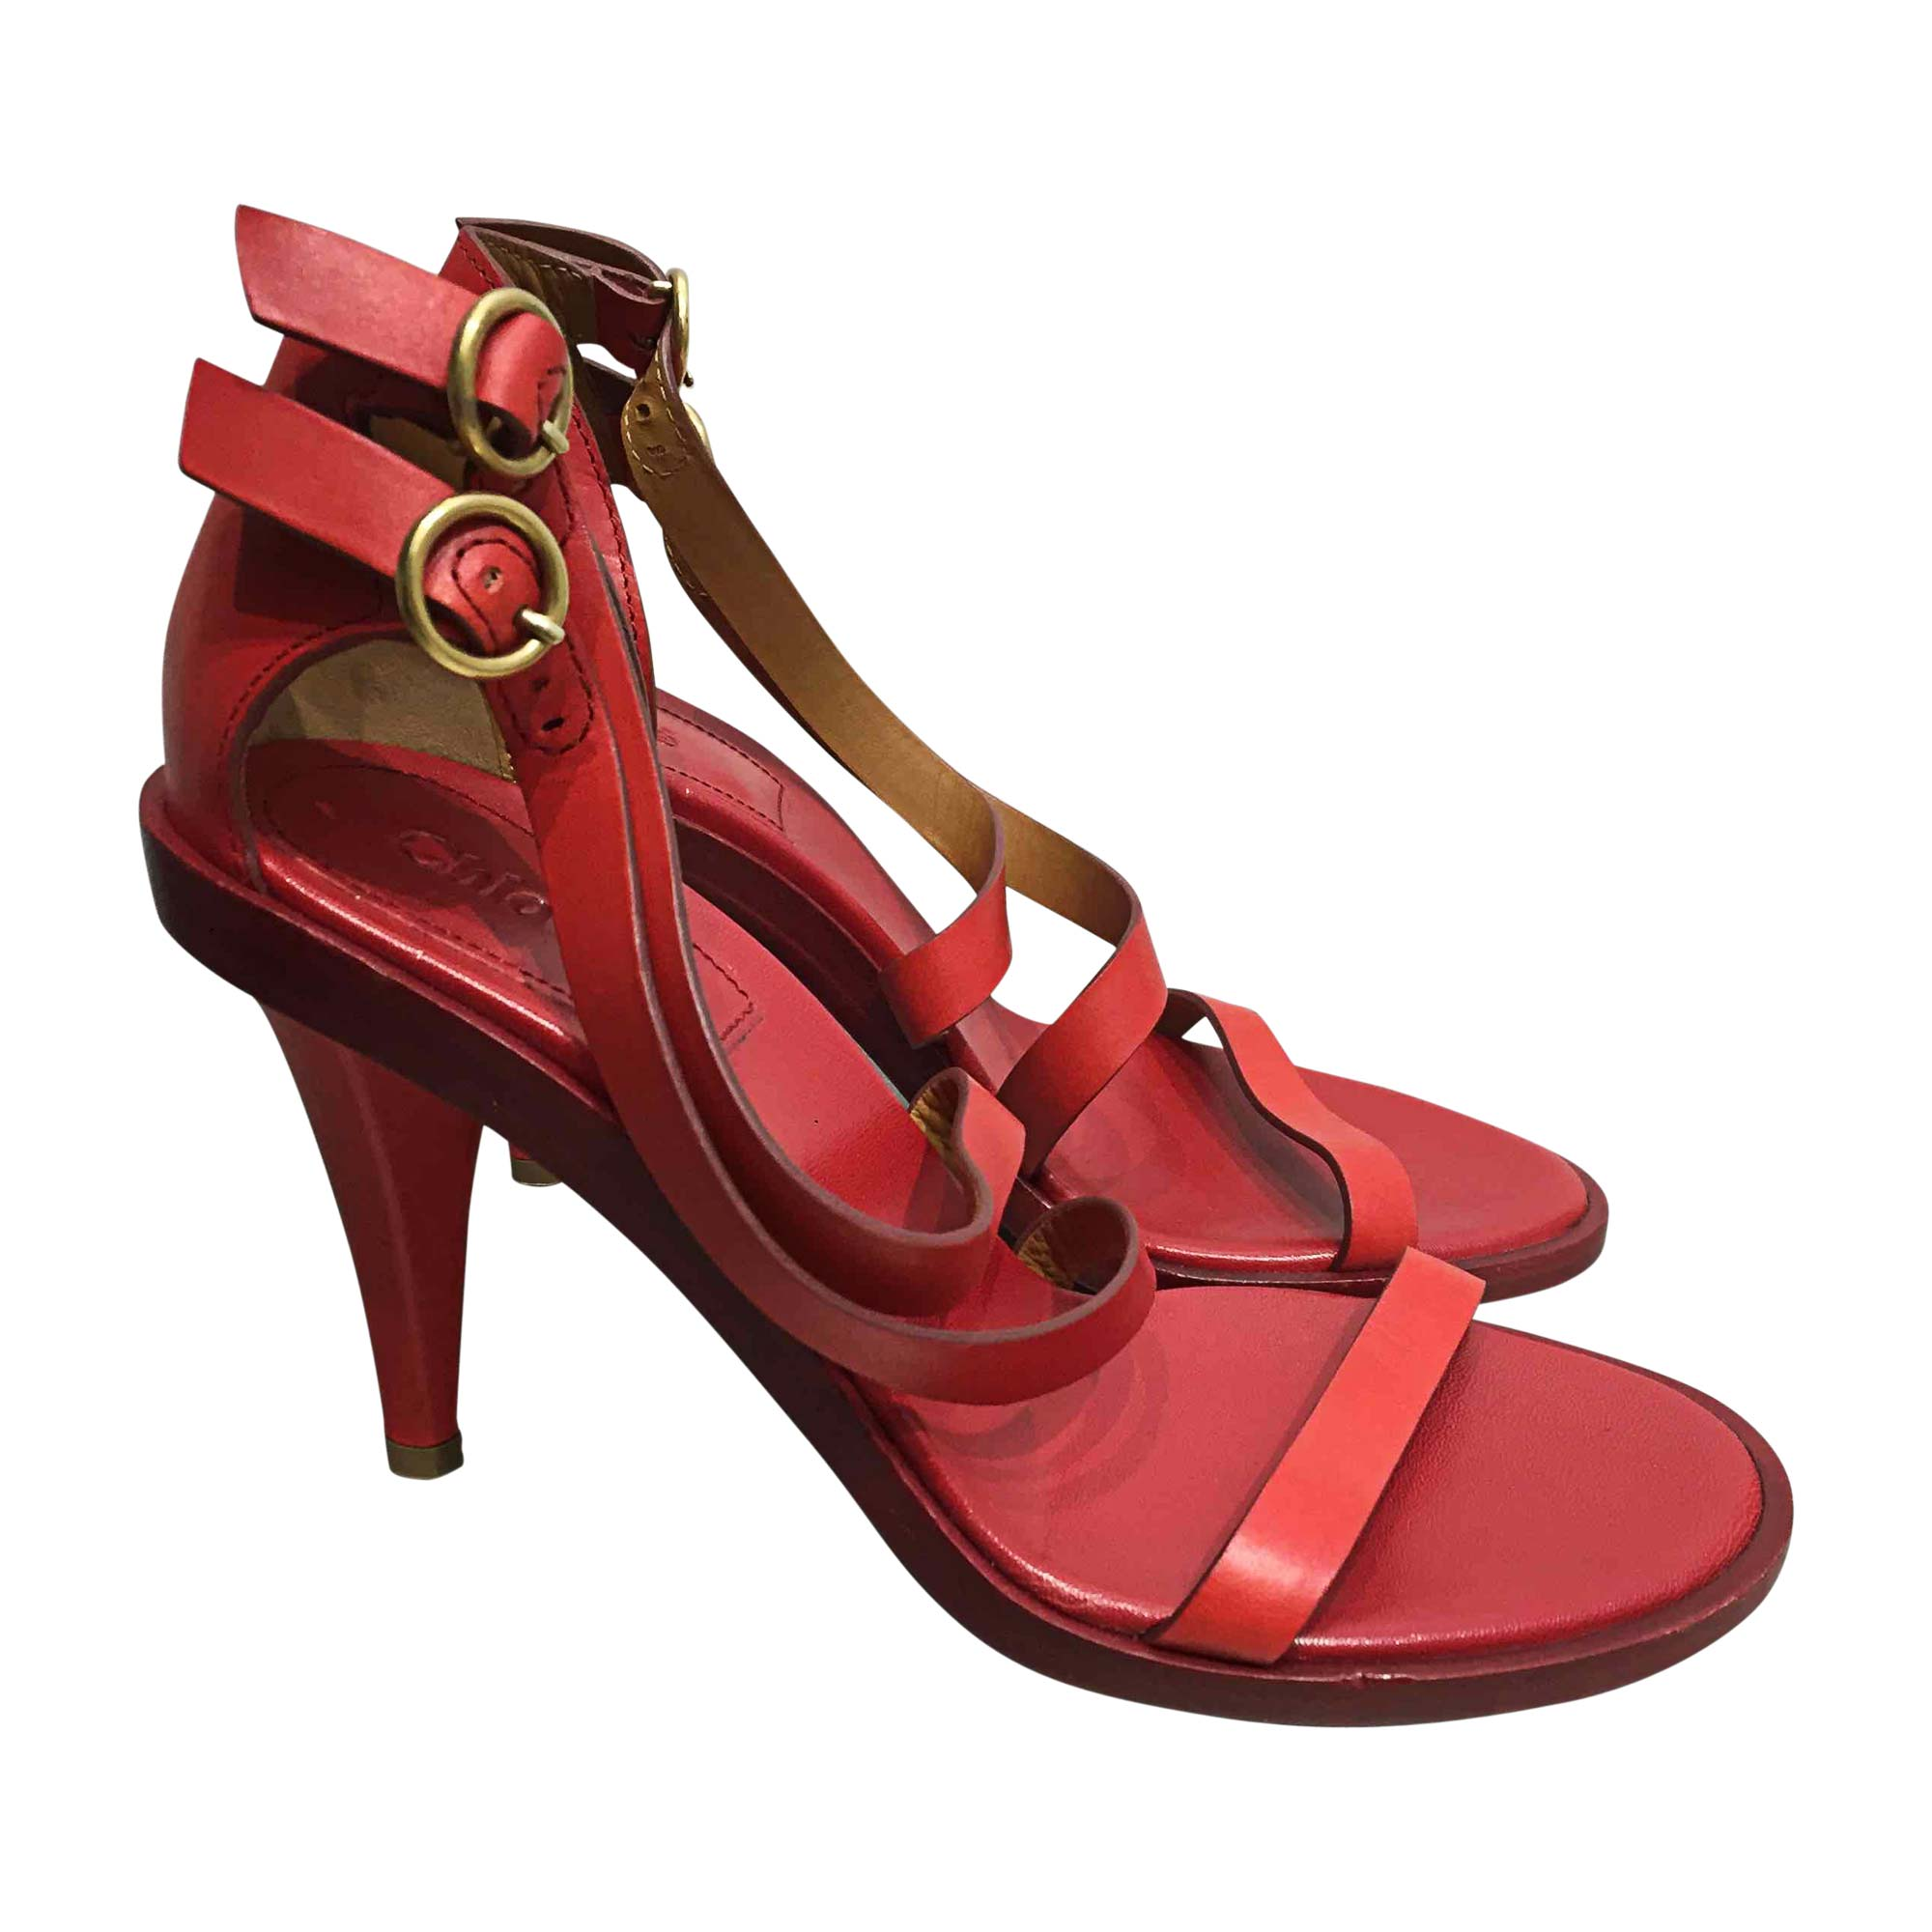 Sandales à talons CHLOÉ Rouge, bordeaux